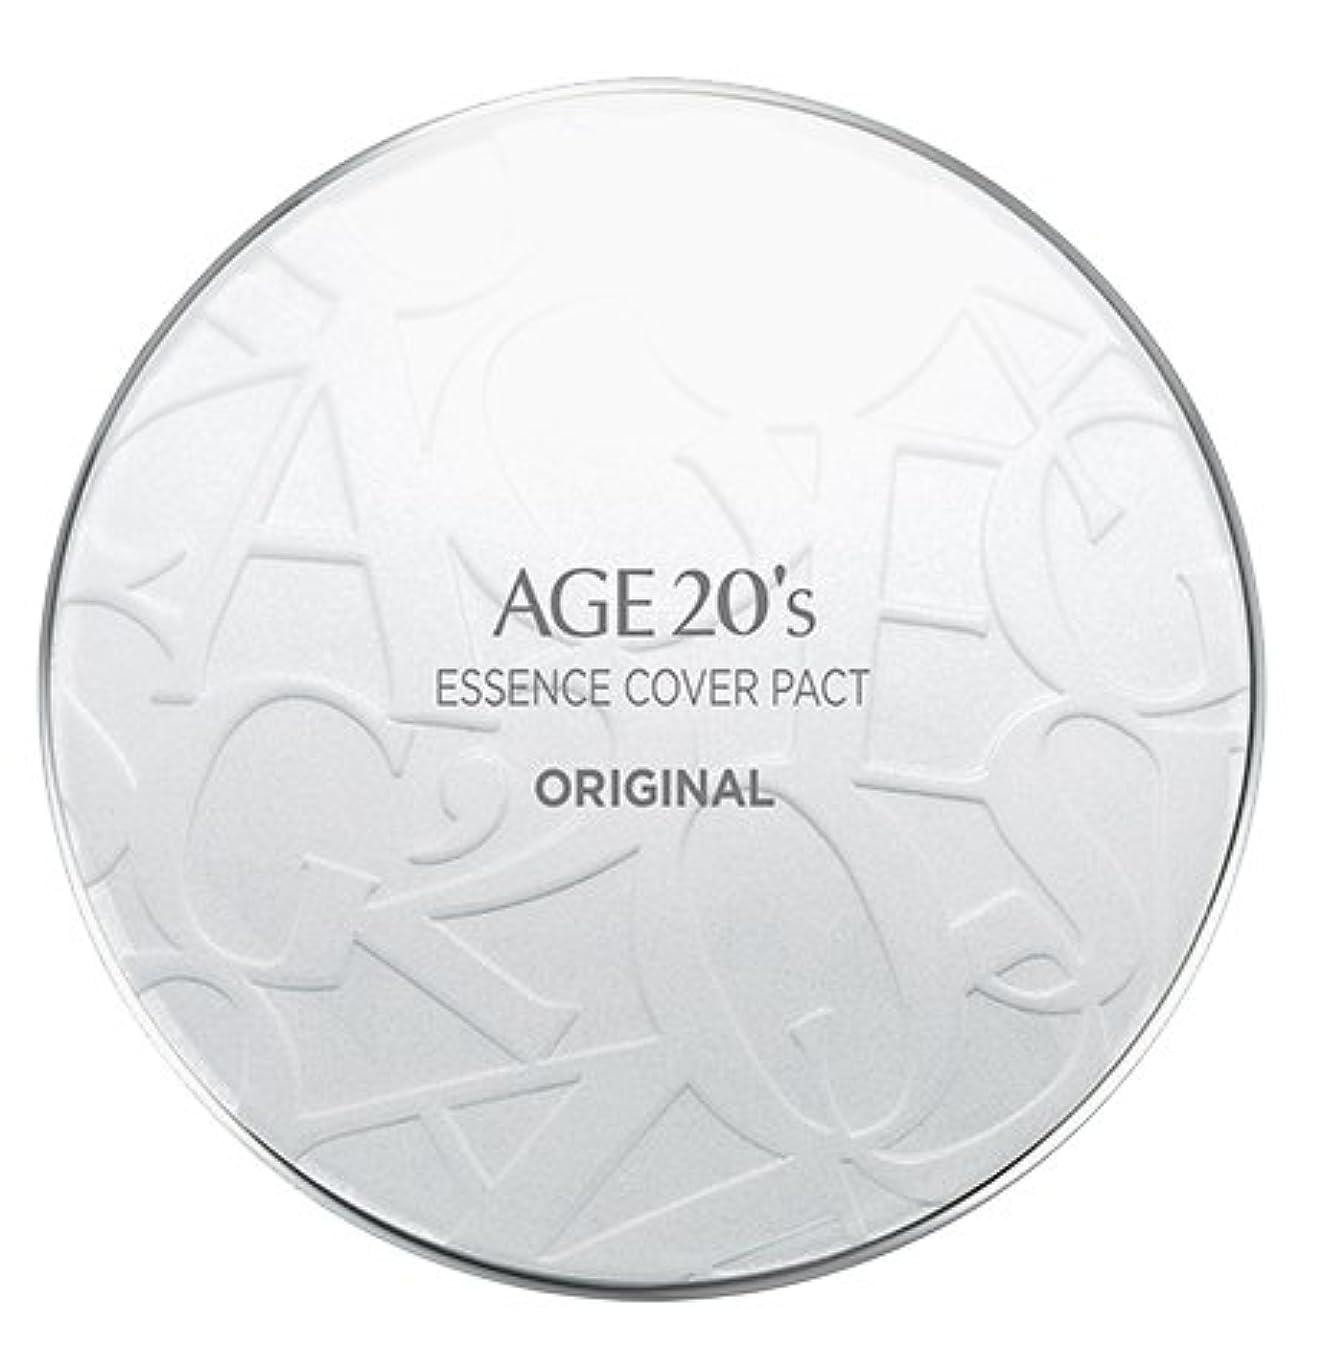 リファインキャンプ矩形AGE 20's Essence Cover Pact Original [White Latte] 12.5g + Refill 12.5g (#21)/エイジ 20's エッセンス カバー パクト オリジナル [ホワイトラテ...